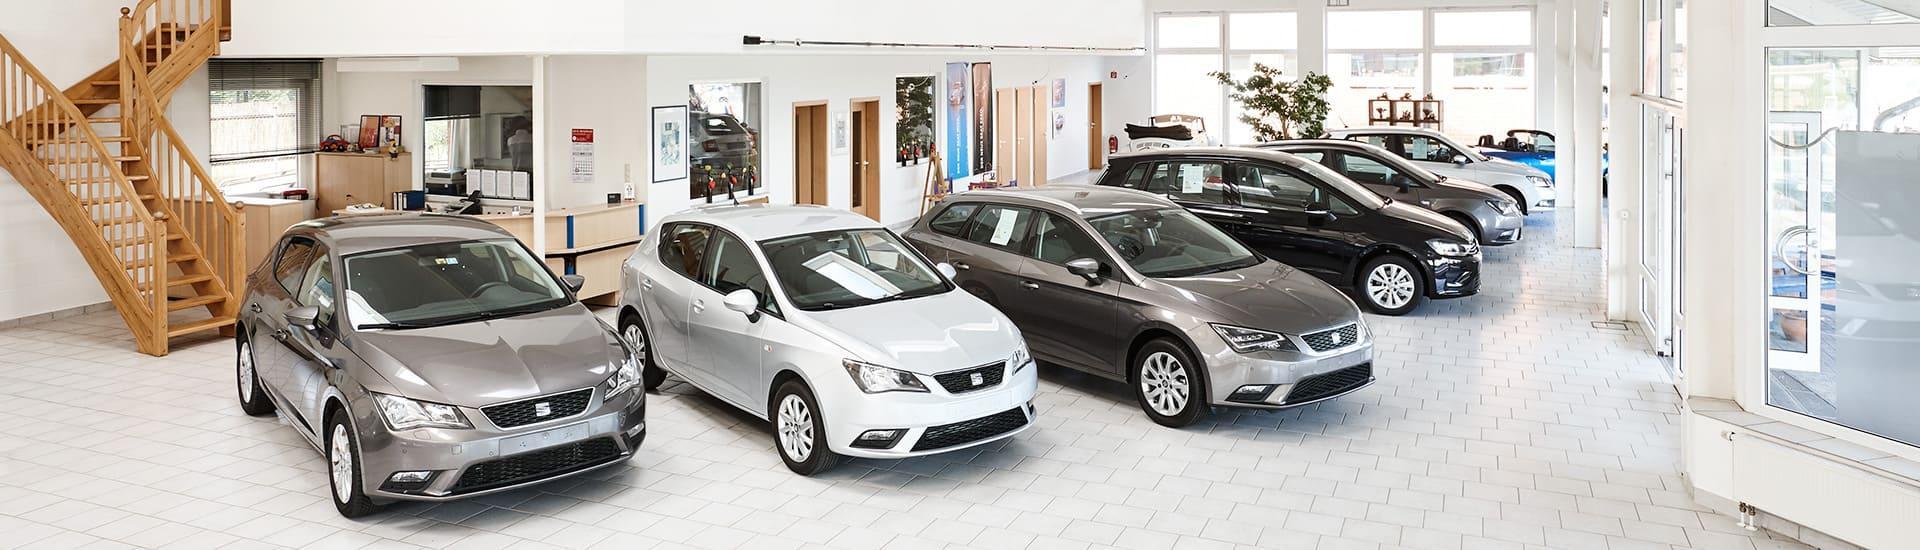 Seat Reimport EU-Neuwagen günstig kaufen - viele Modelle bei Autohaus Möller